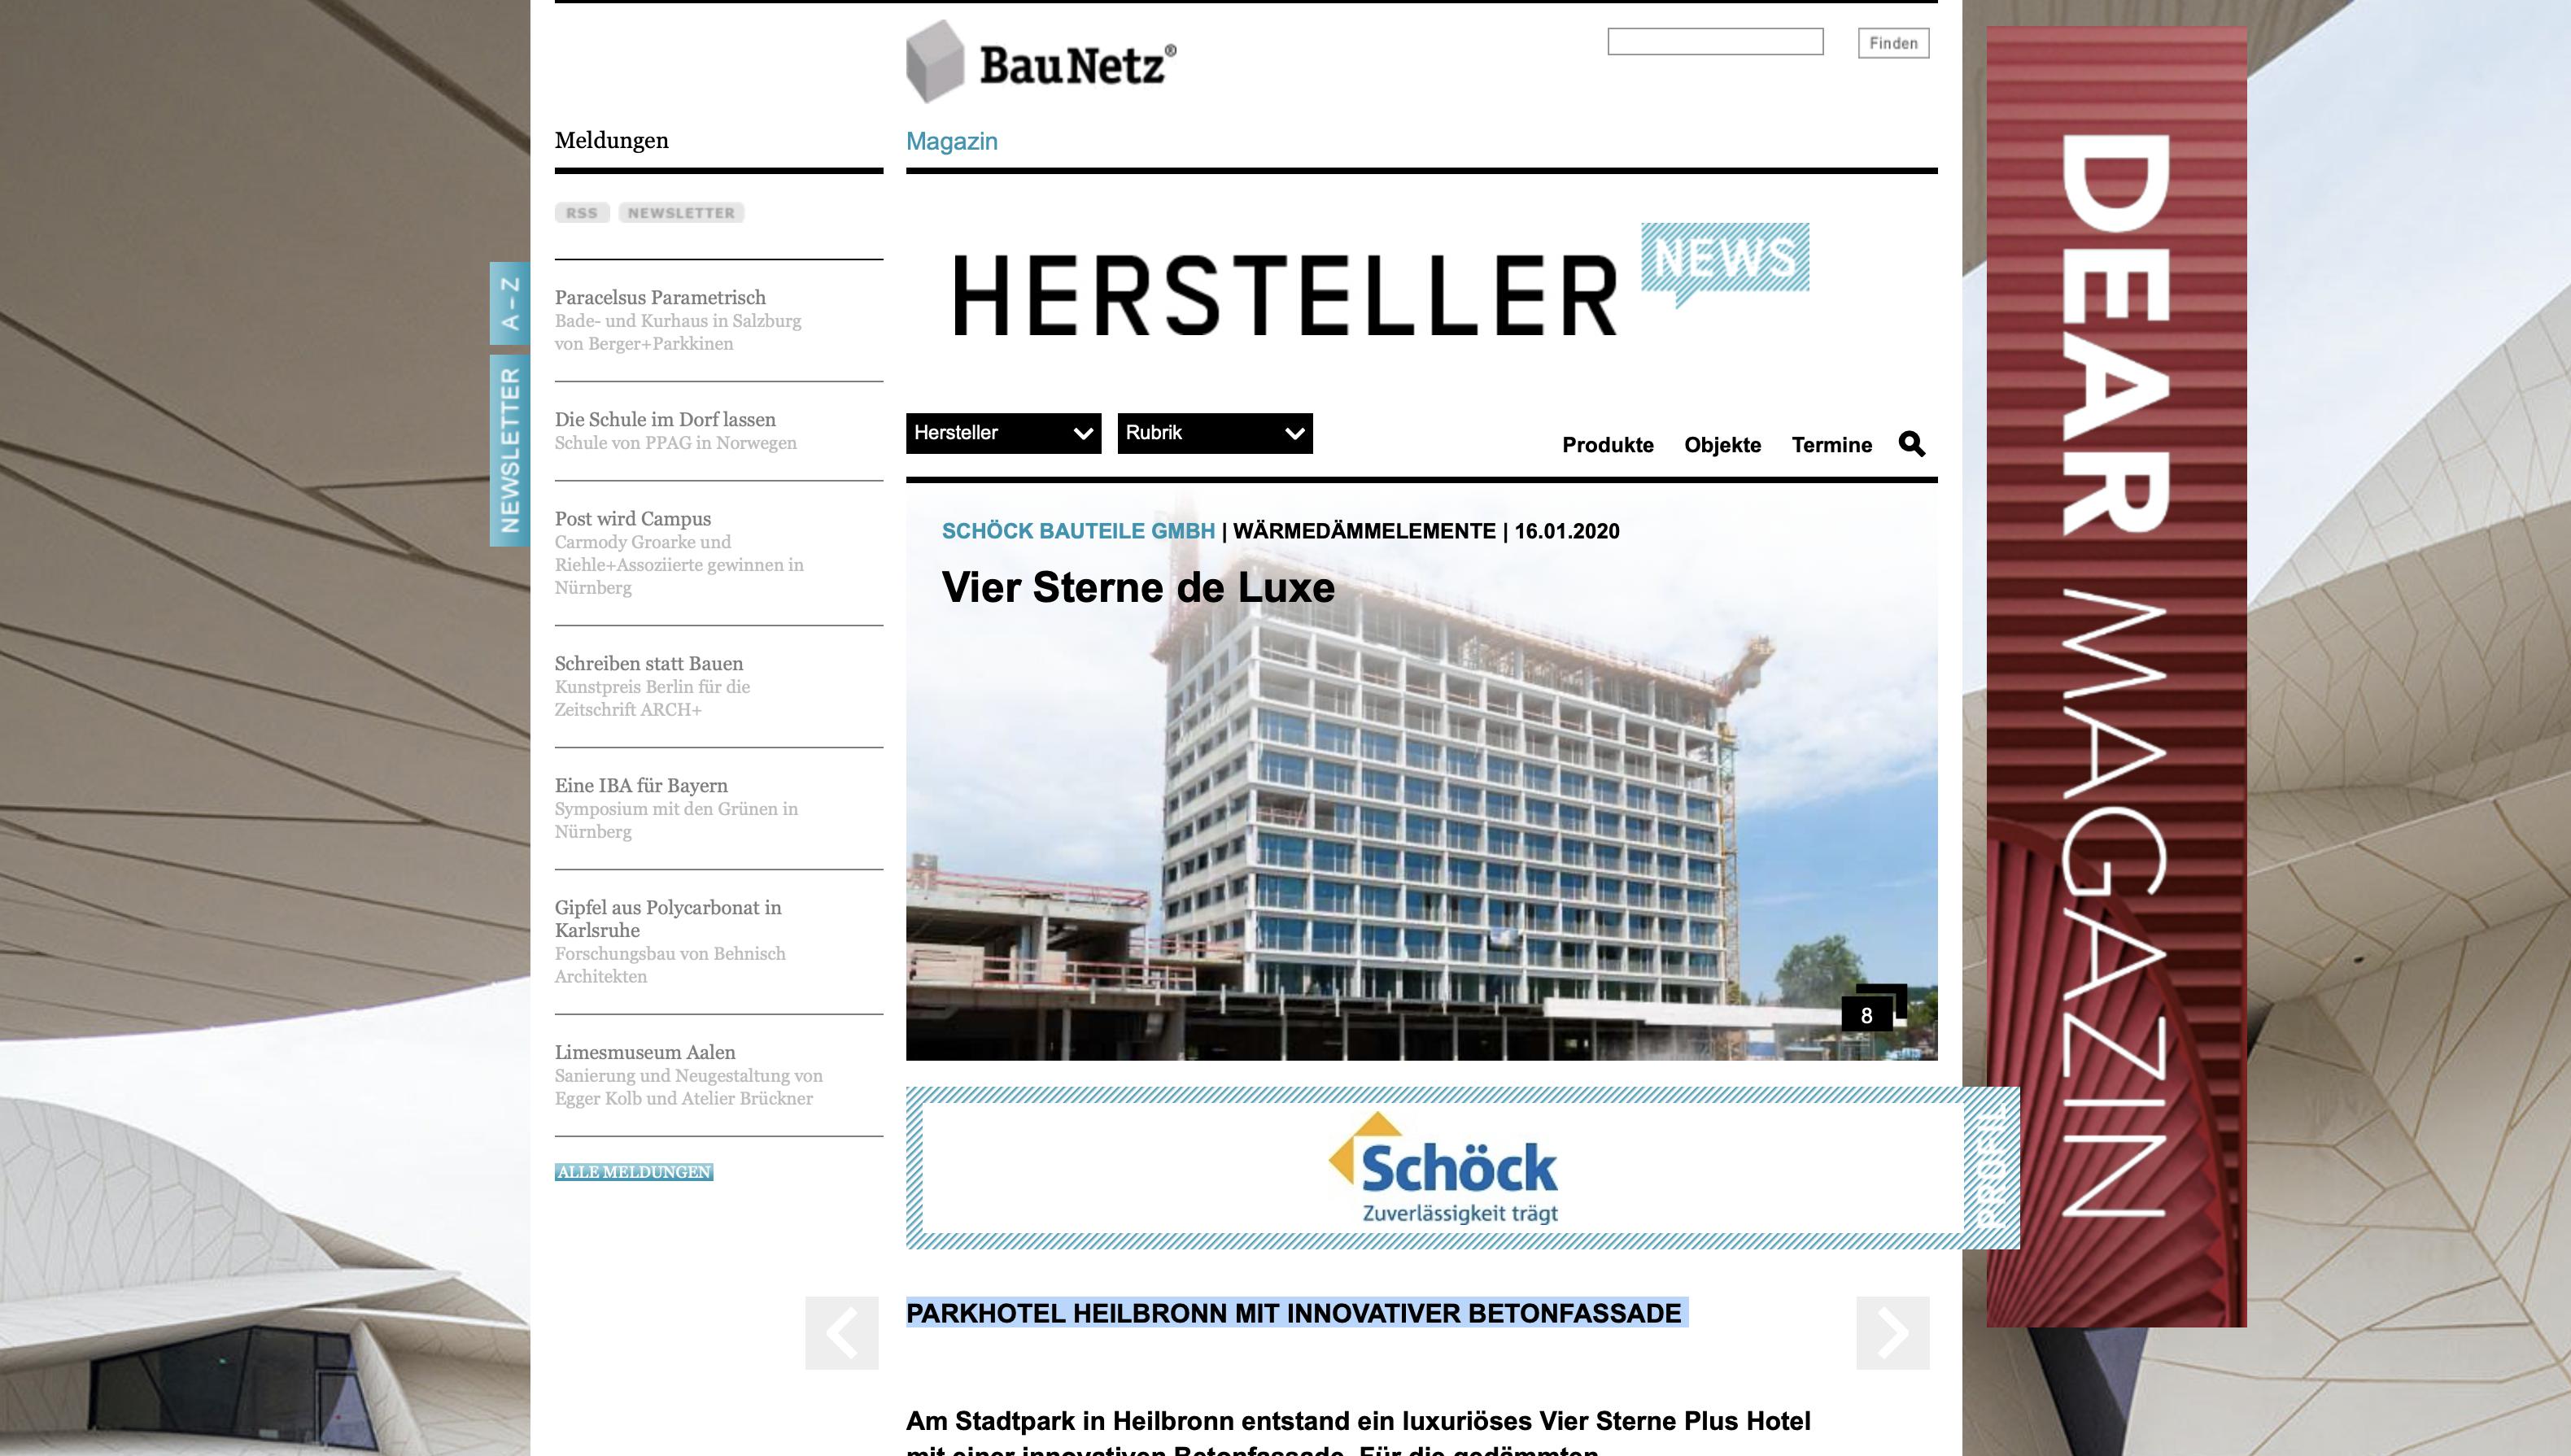 Das Parkhotel Heilbronn in den Baunetz-Hersteller News